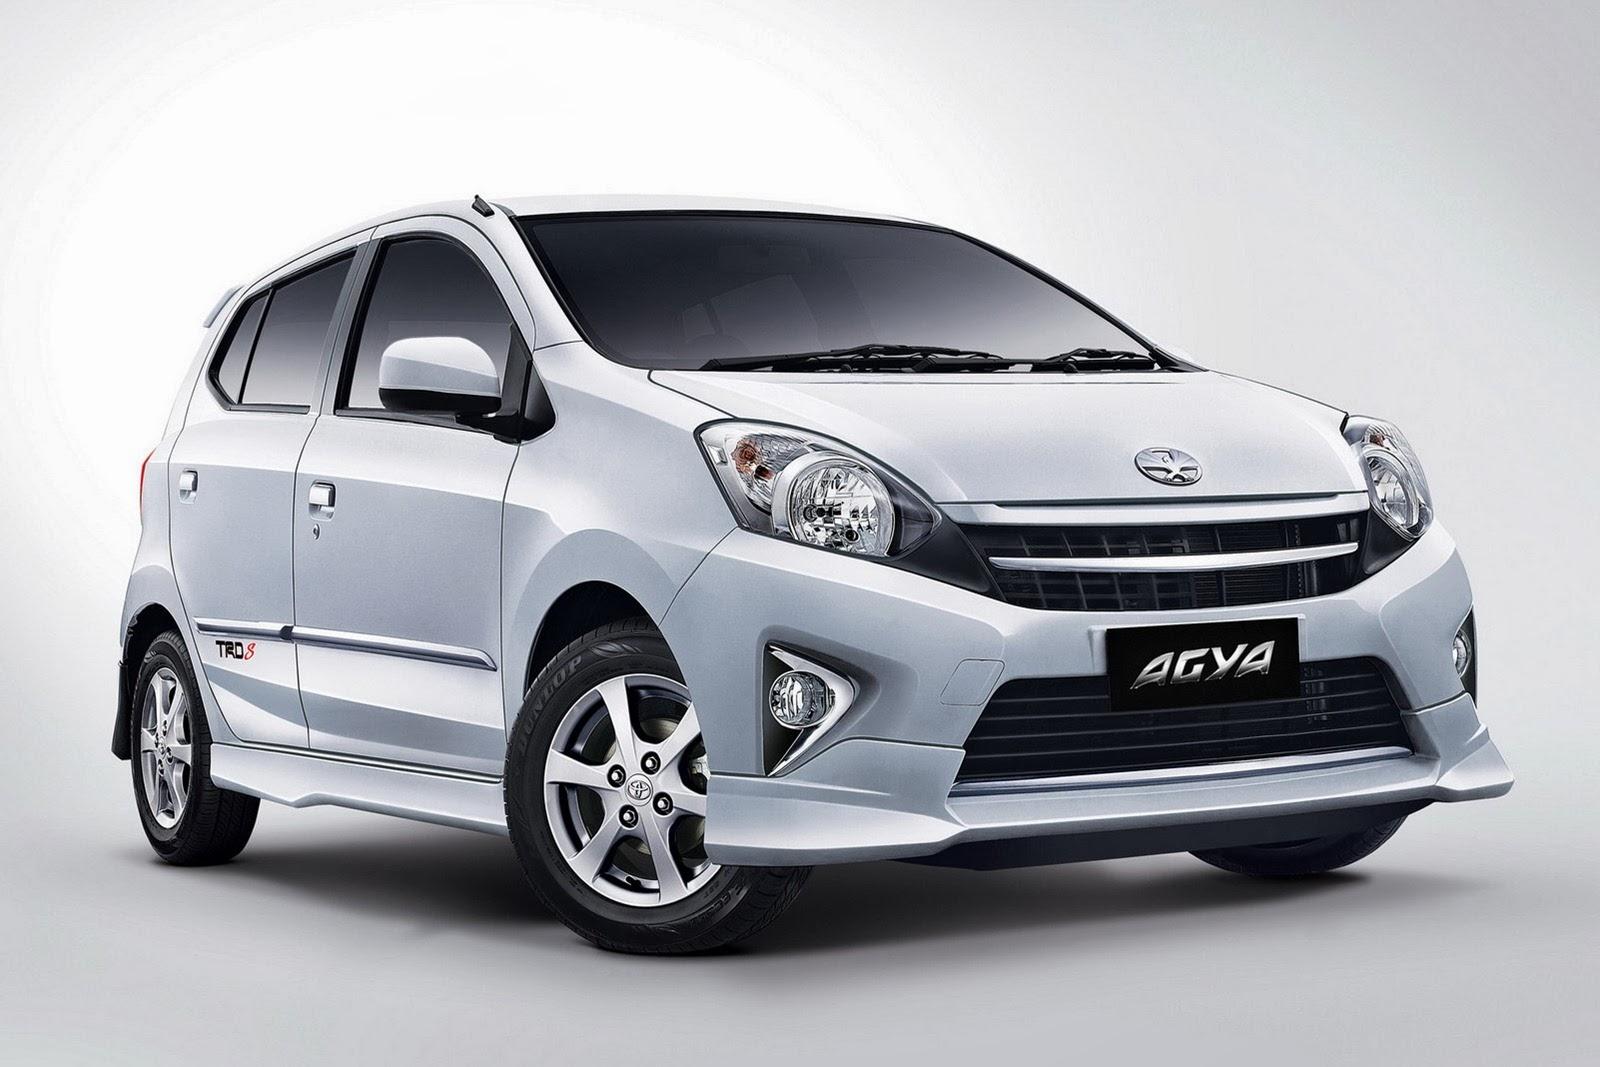 Daftar Mobil Baru Dengan Harga Murah di Indonesia